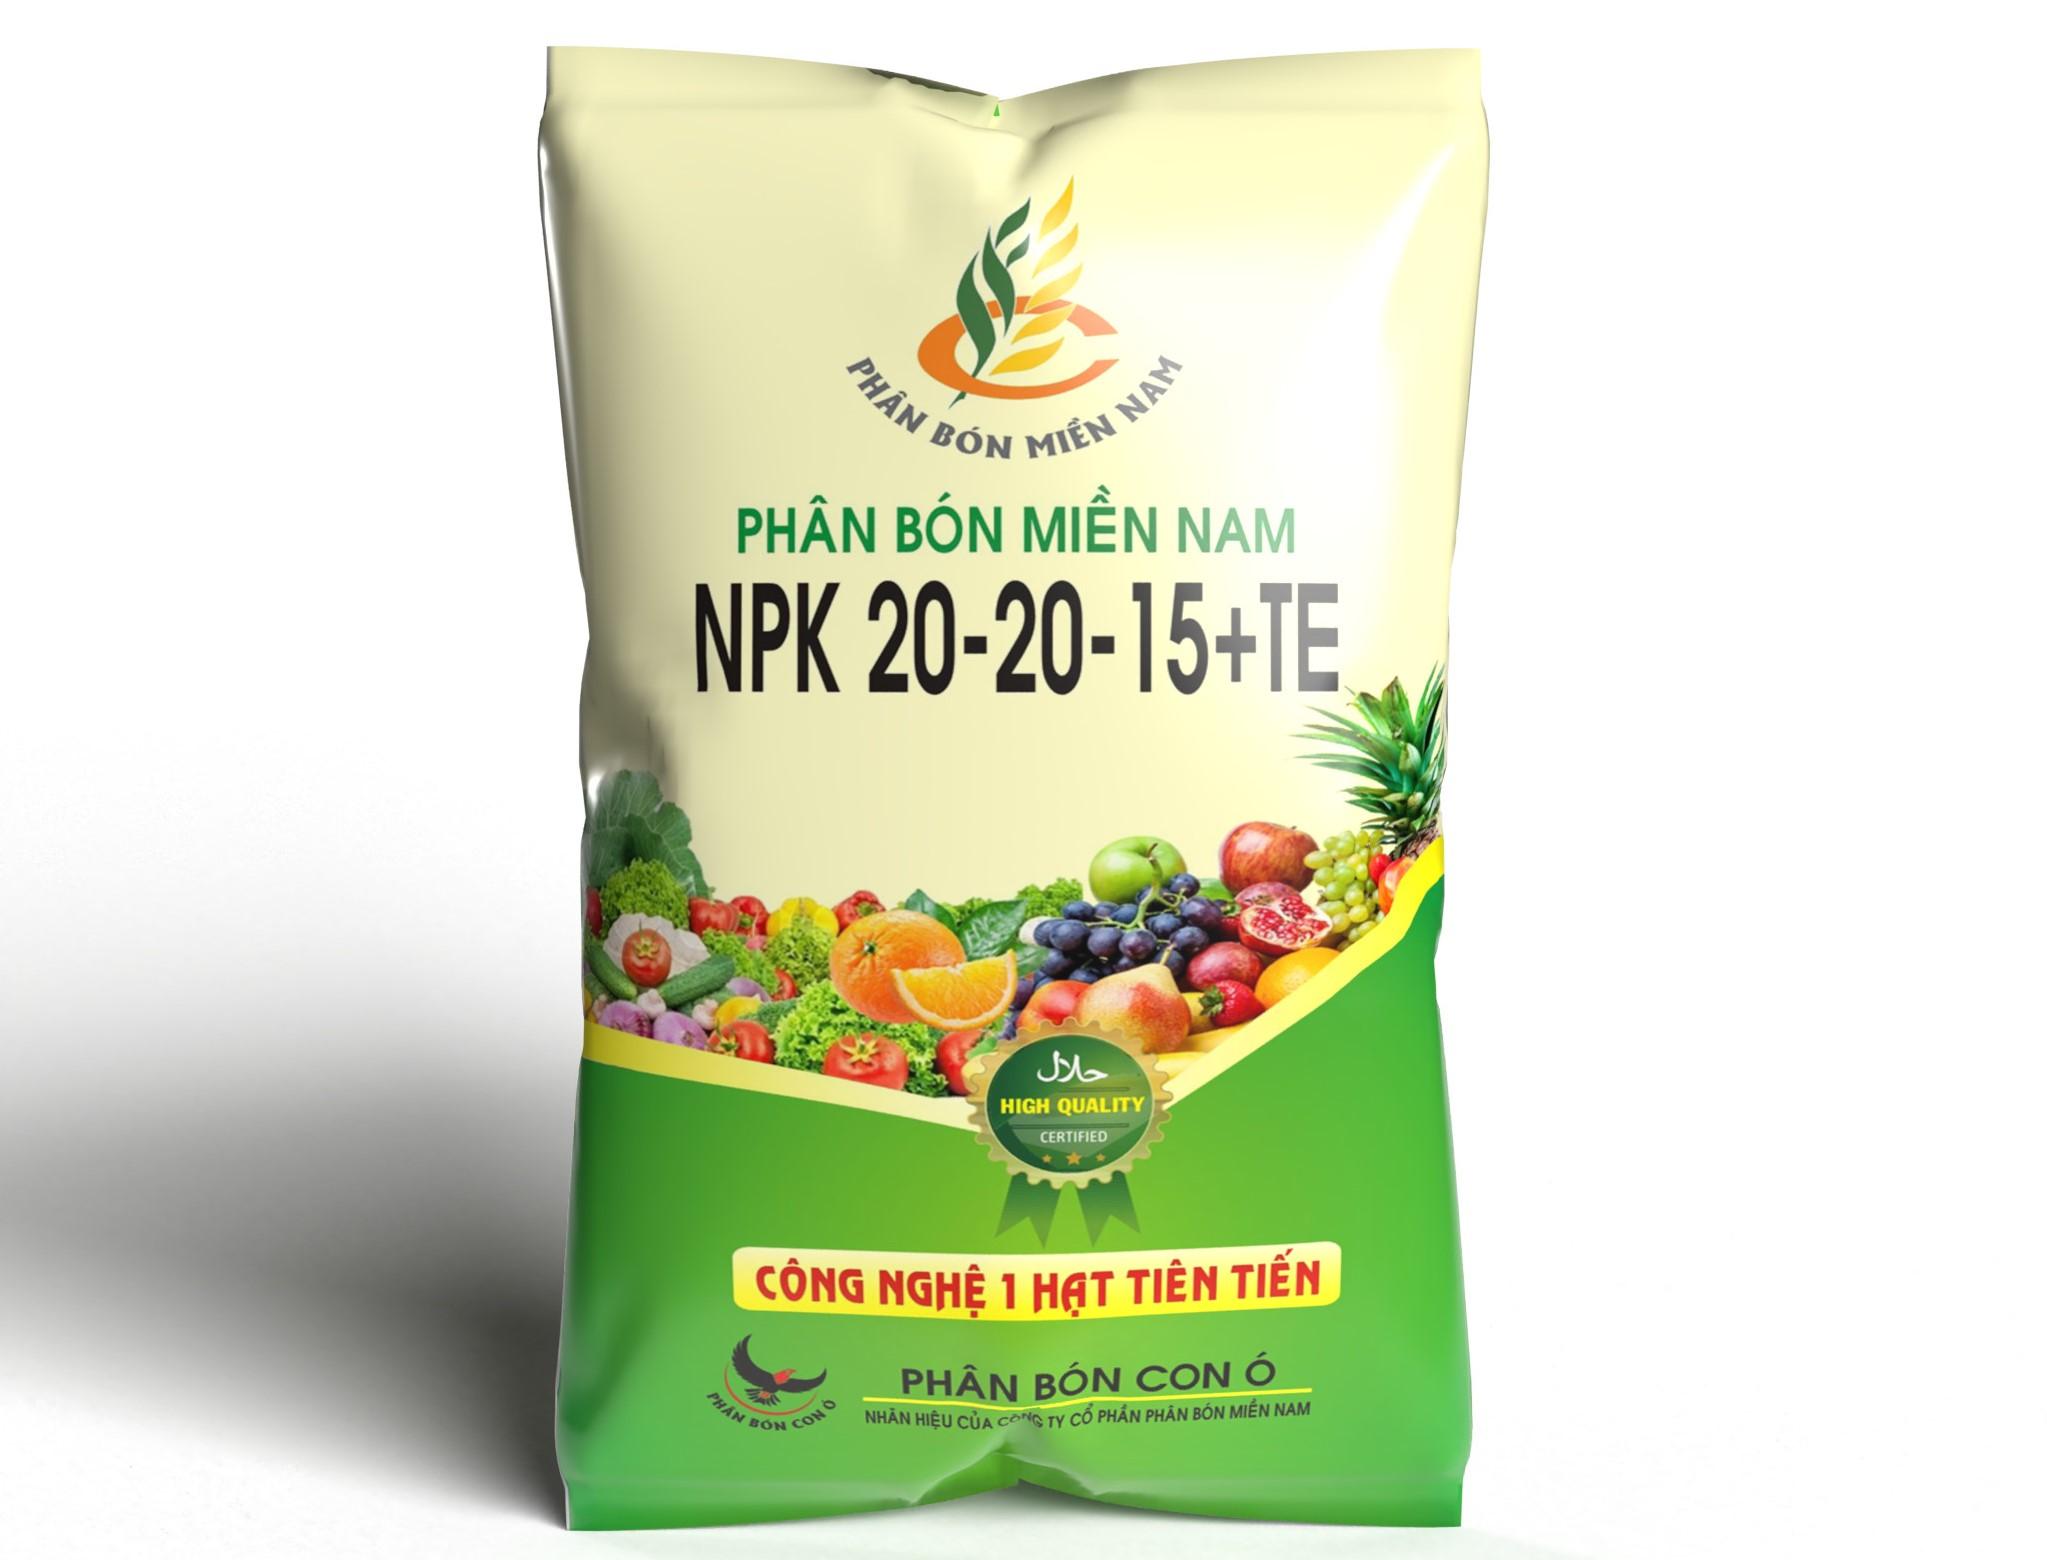 Phân bón Miền Nam NPK 20-20-15+TE (dạng 1 hạt) hiệu quả trong việc tăng nhanh bộ rễ chùm và cung cấp dinh dưỡng đa lượng cho cây